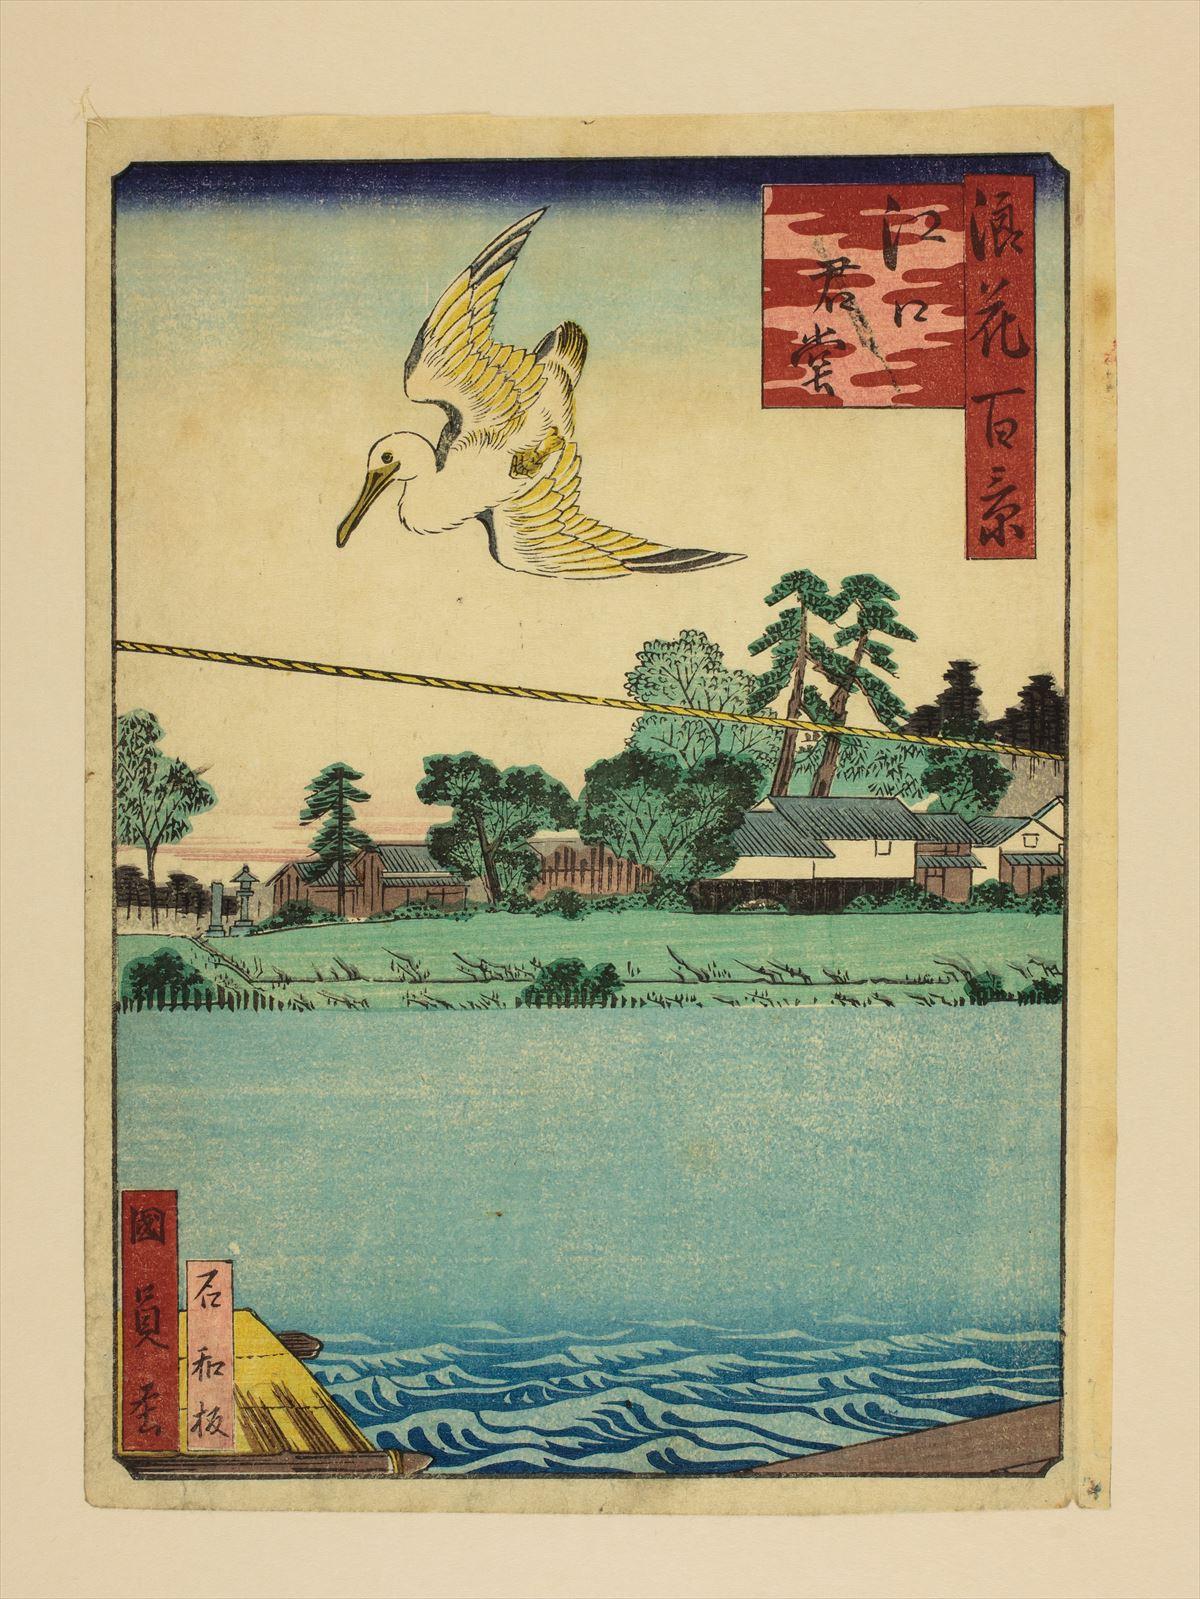 江口の君堂大阪市立図書館デジタルアーカイブ